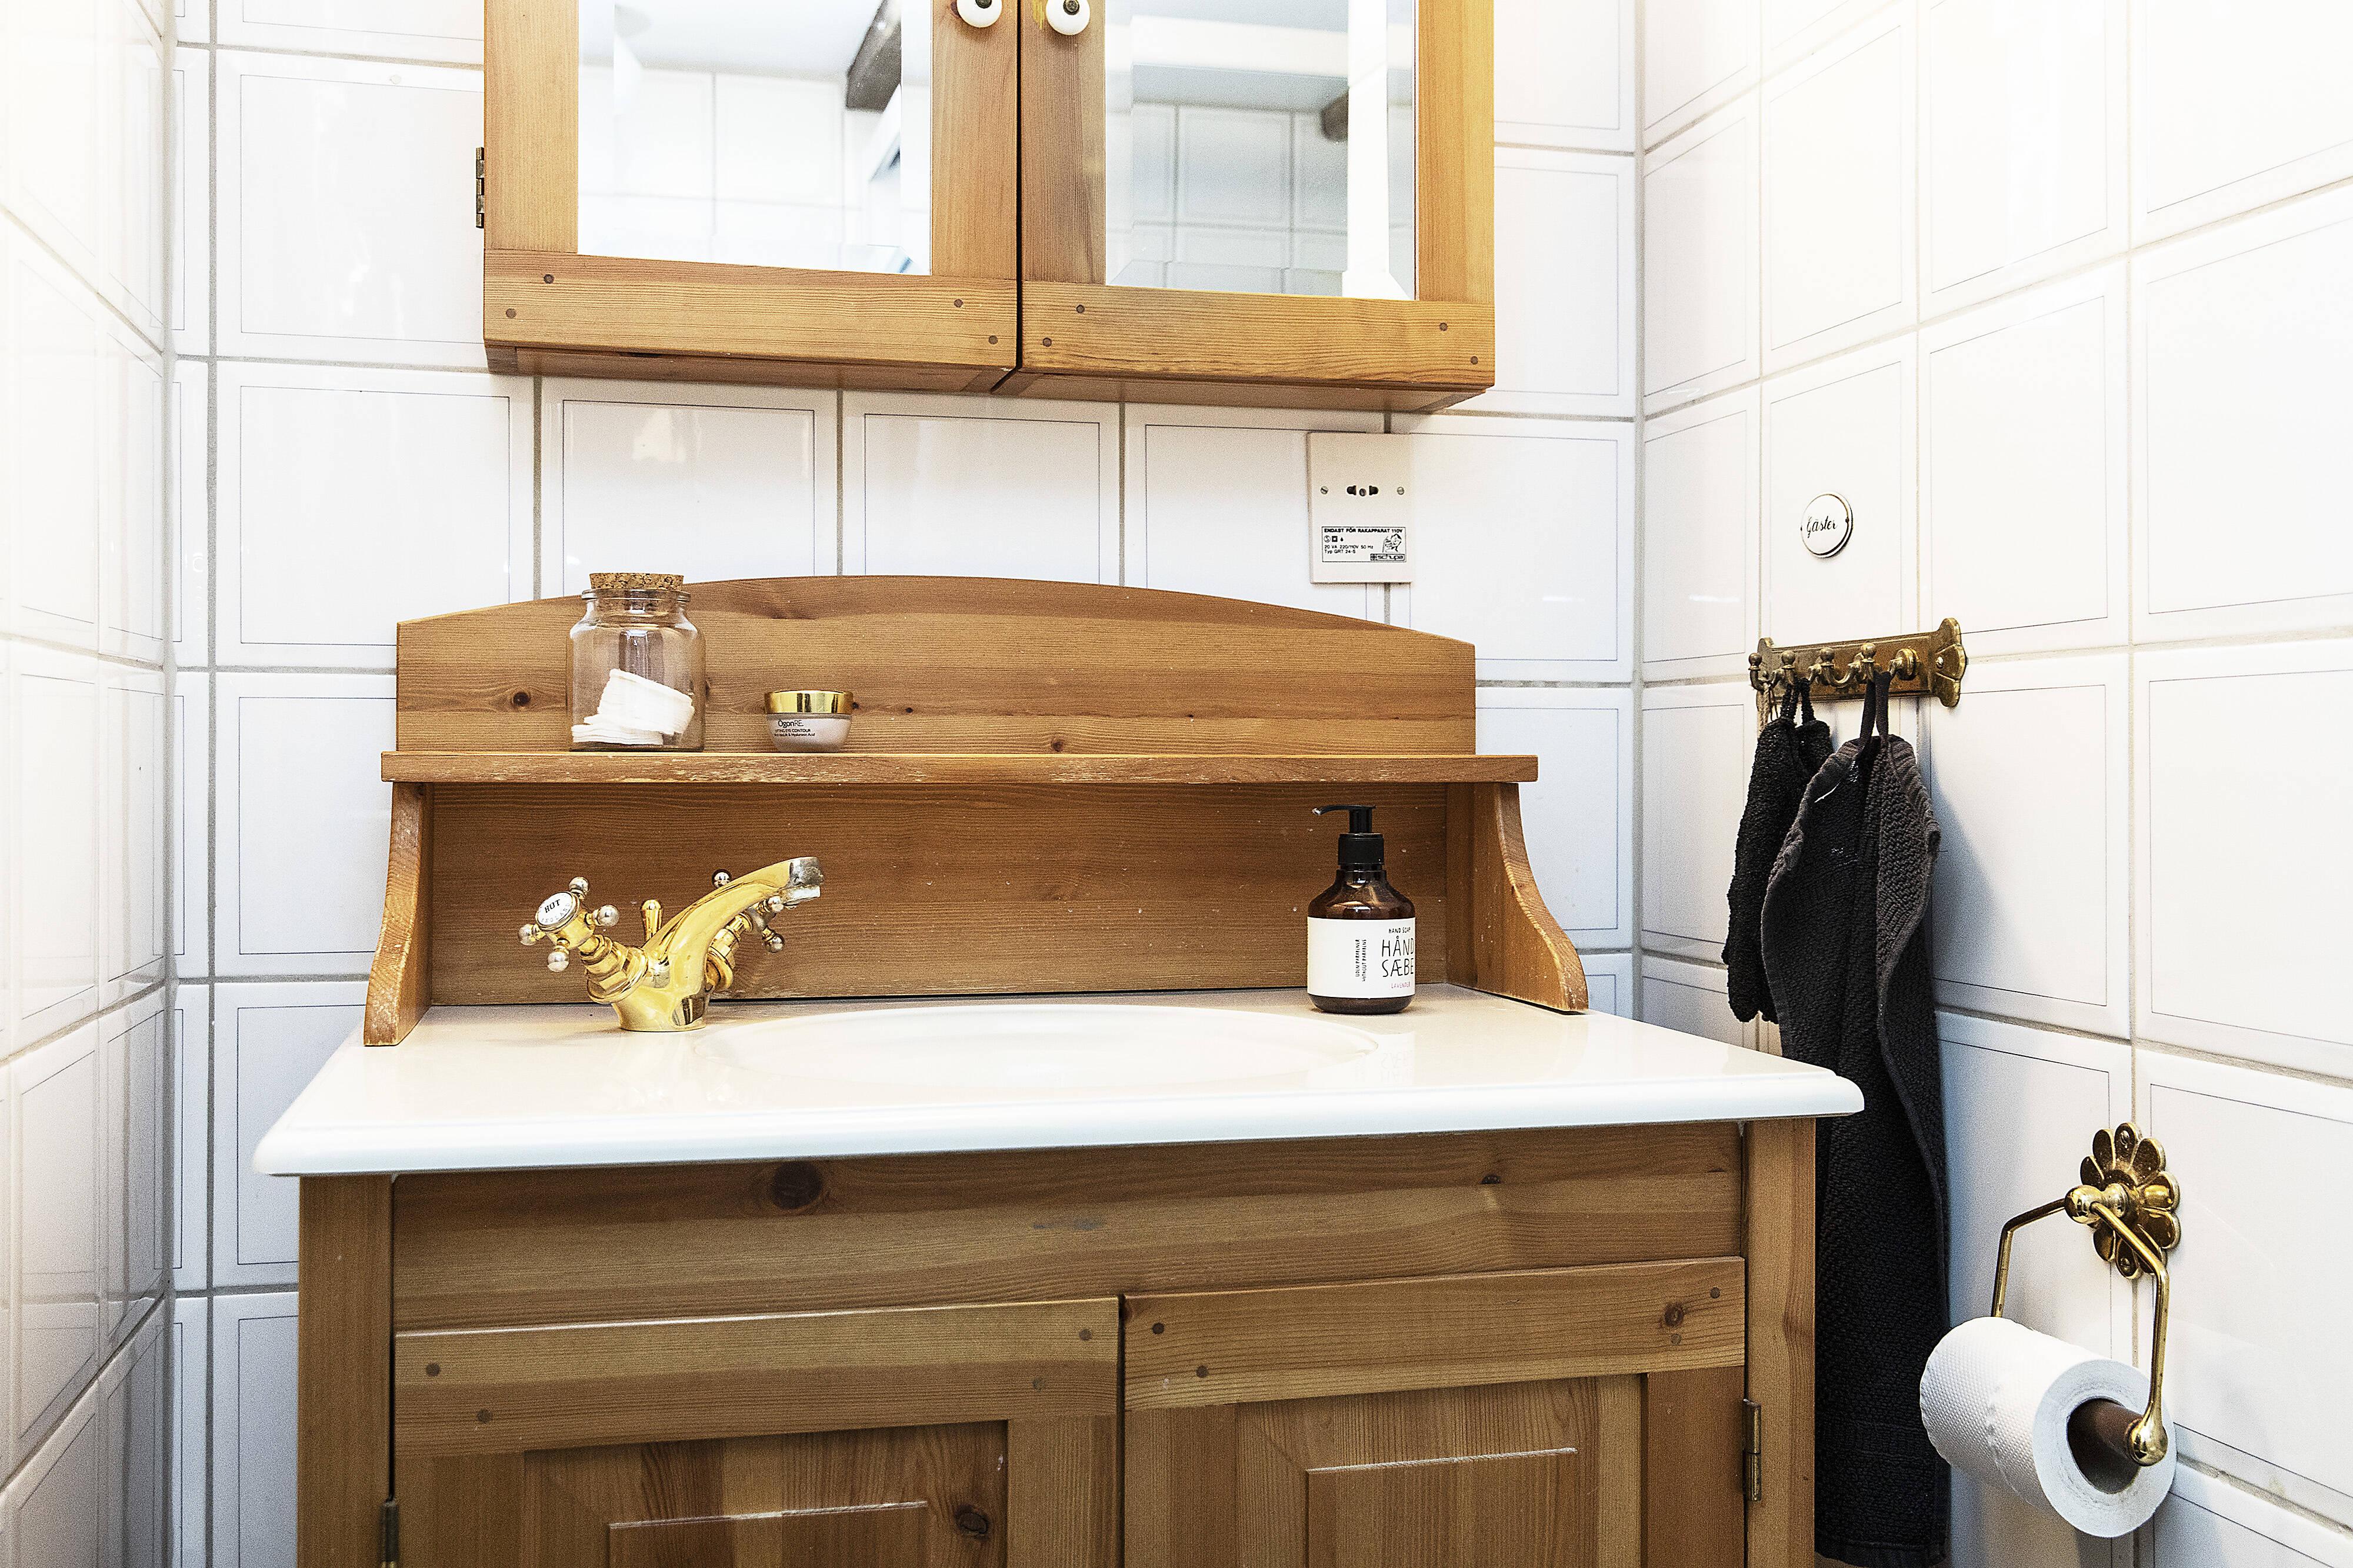 Kommoden i badrummet går i stil med bostaden i övrigt